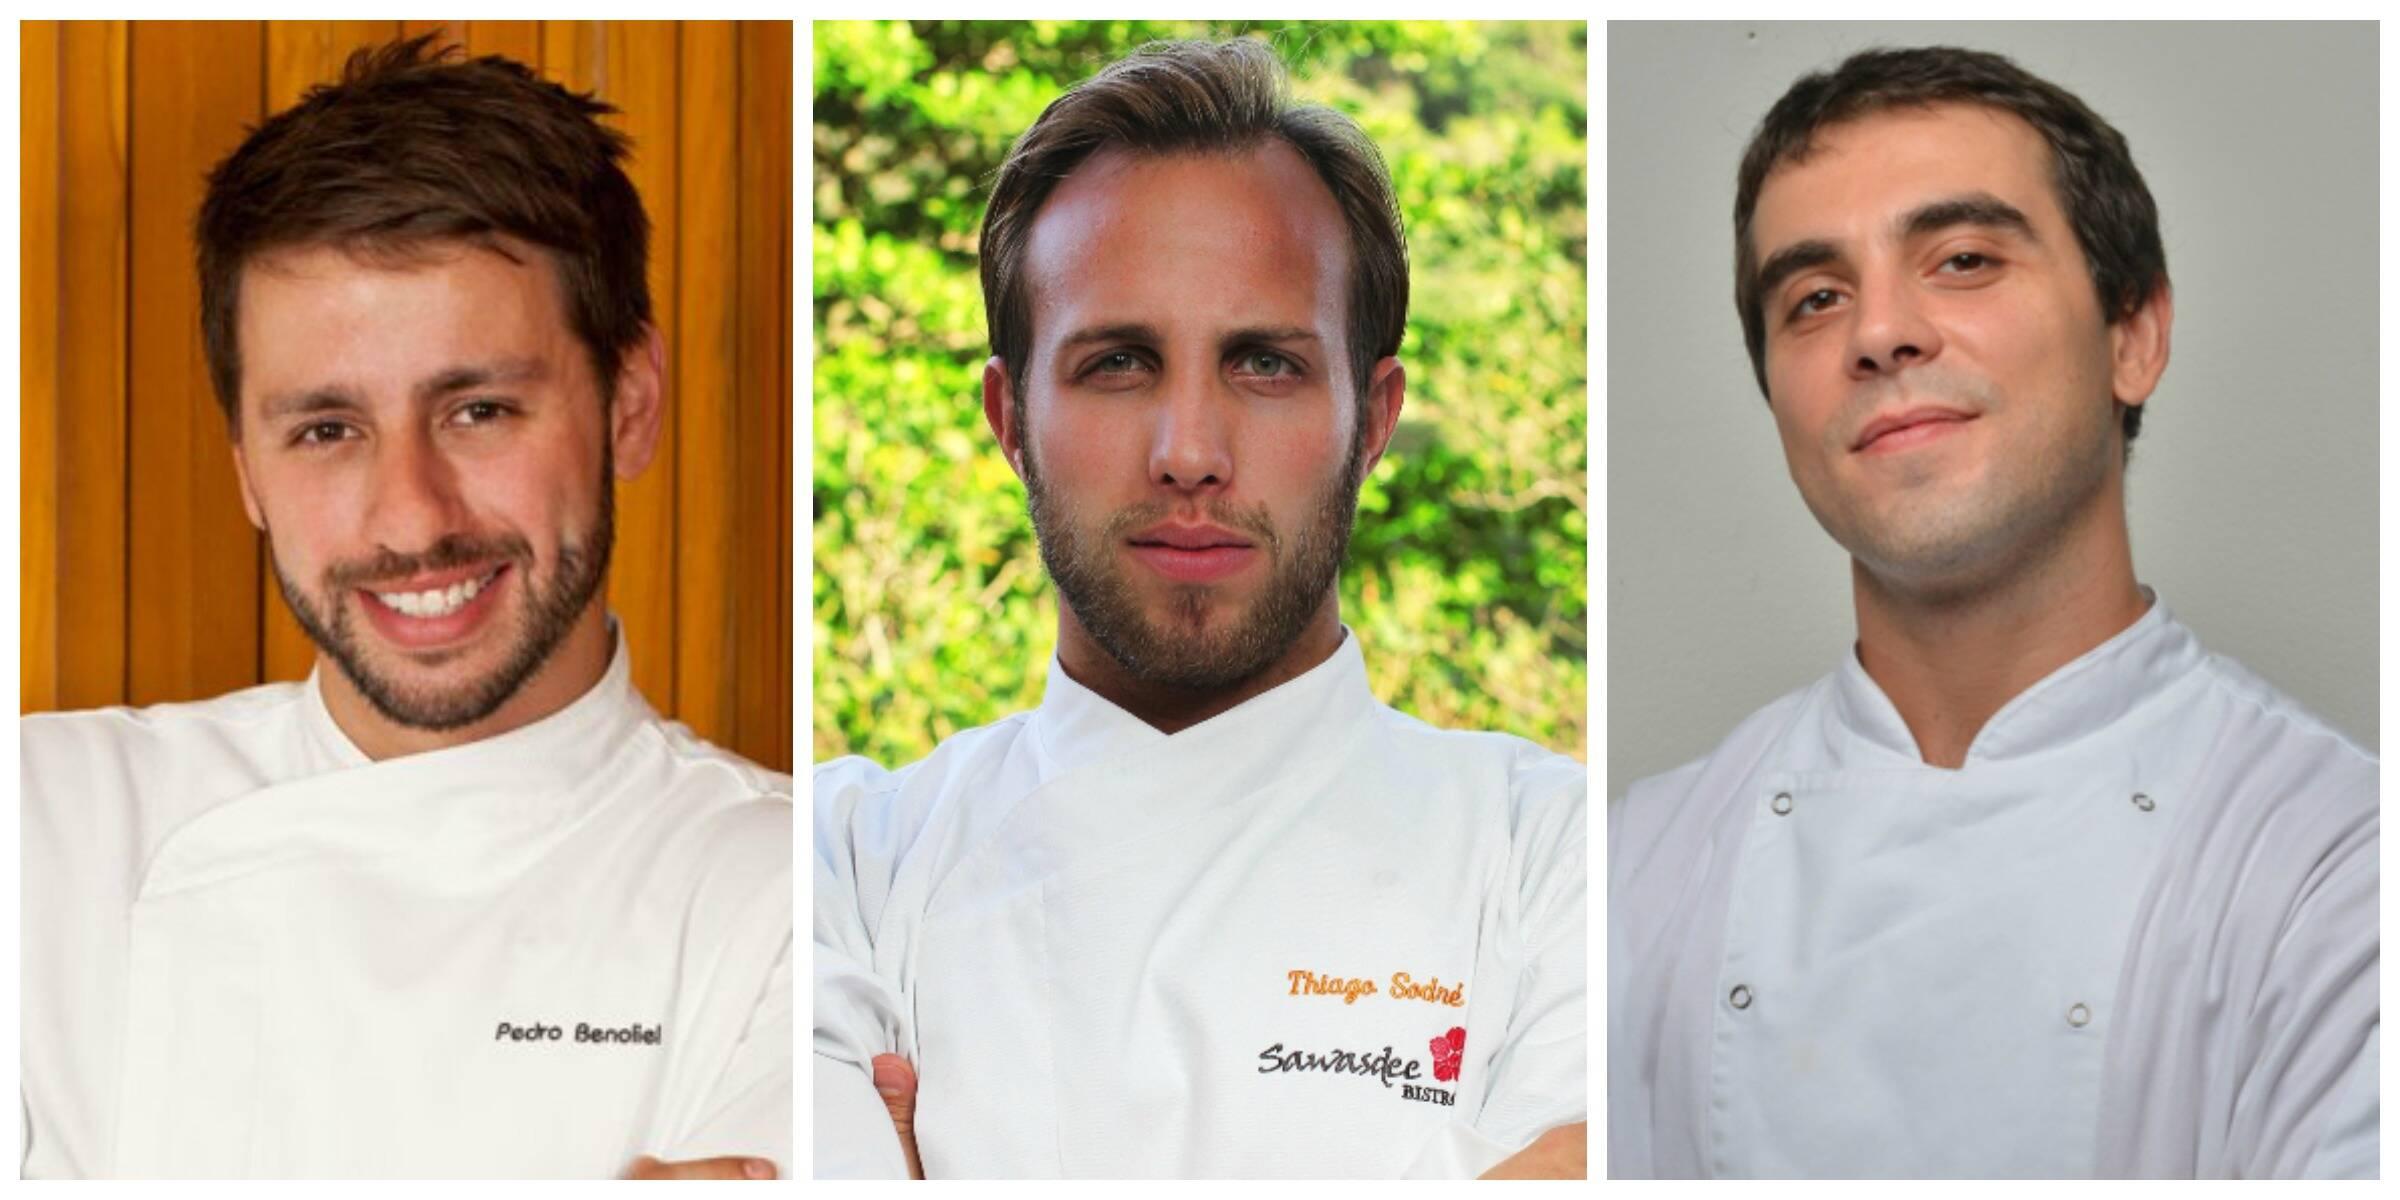 Os meninos da gastronomia carioca: Pedro Benoliel, Thiago Sodré e Thiago Flores / Fotos: divulgação